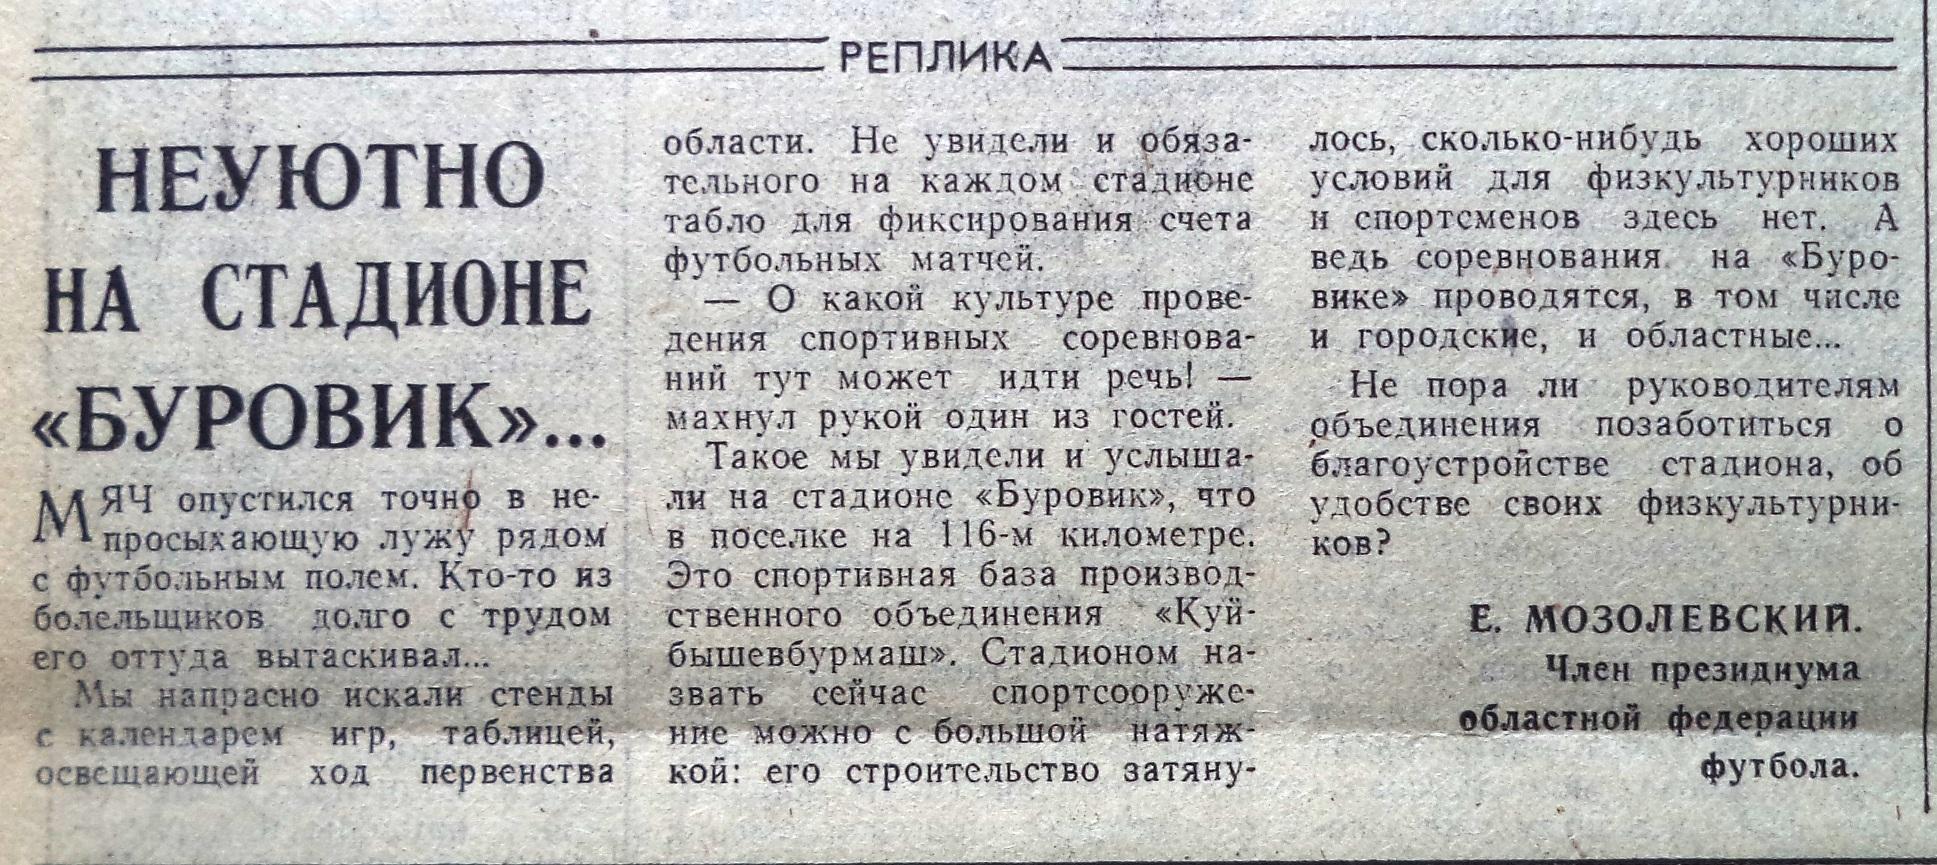 Пугачёвский-ФОТО-31-ВЗя-1986-06-09-неблаг-во на стад. Буровик